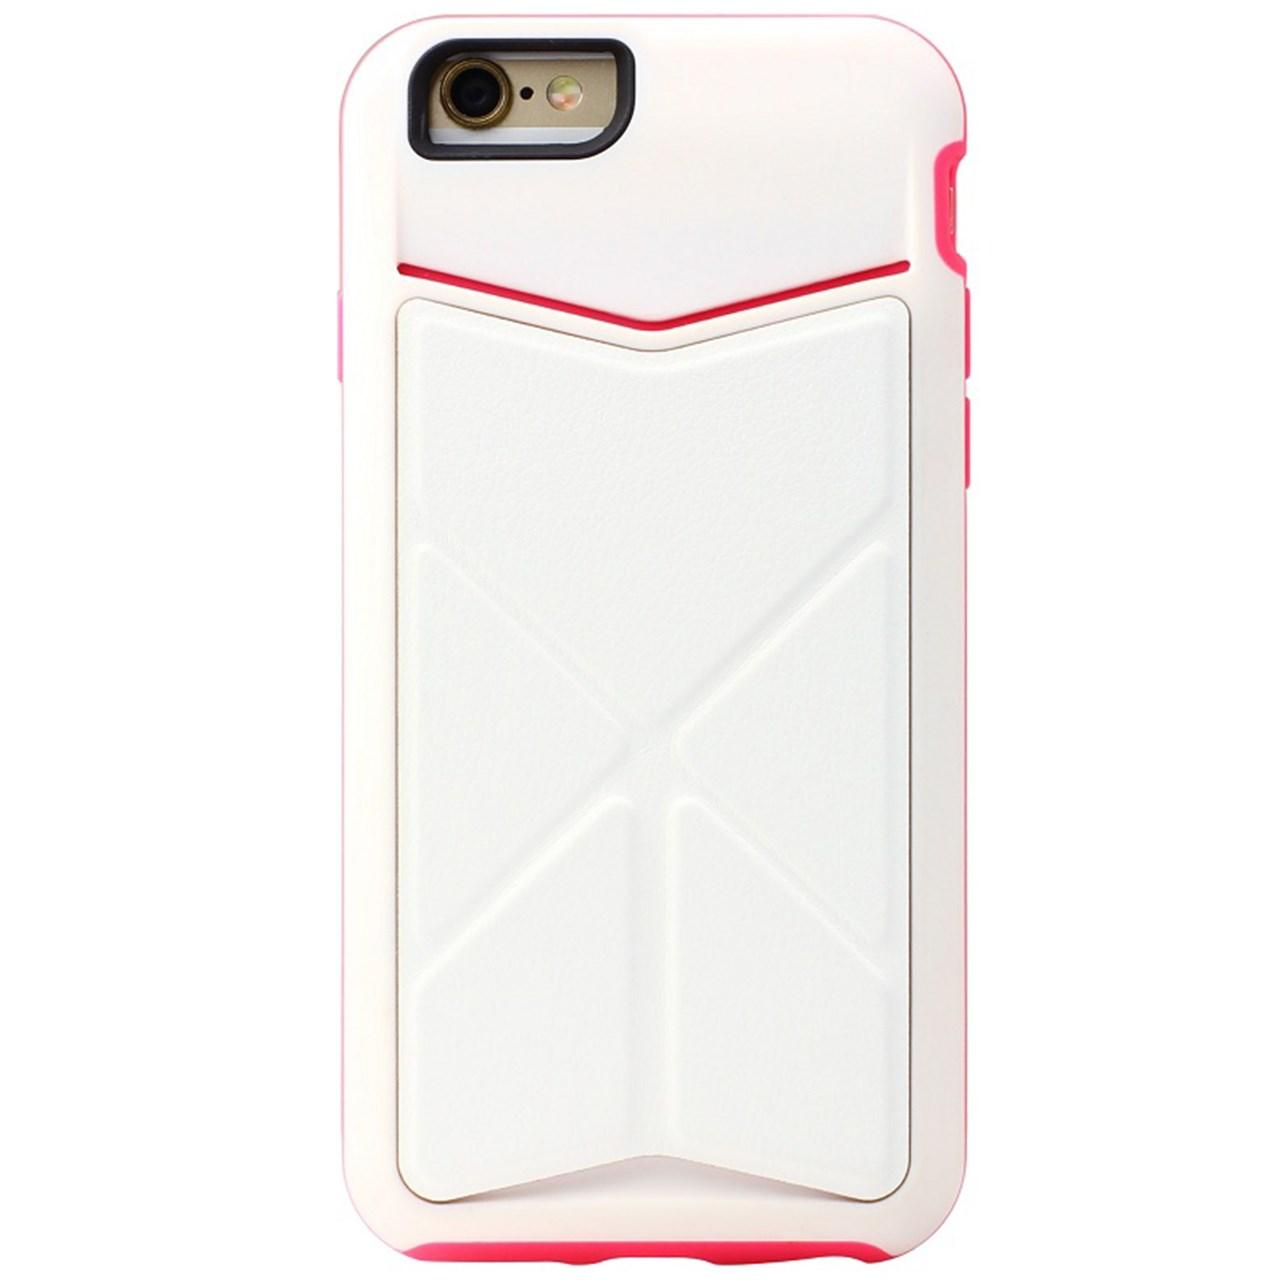 کاور آی بکس مدل Stand مناسب برای گوشی موبایل آیفون 6 / 6s